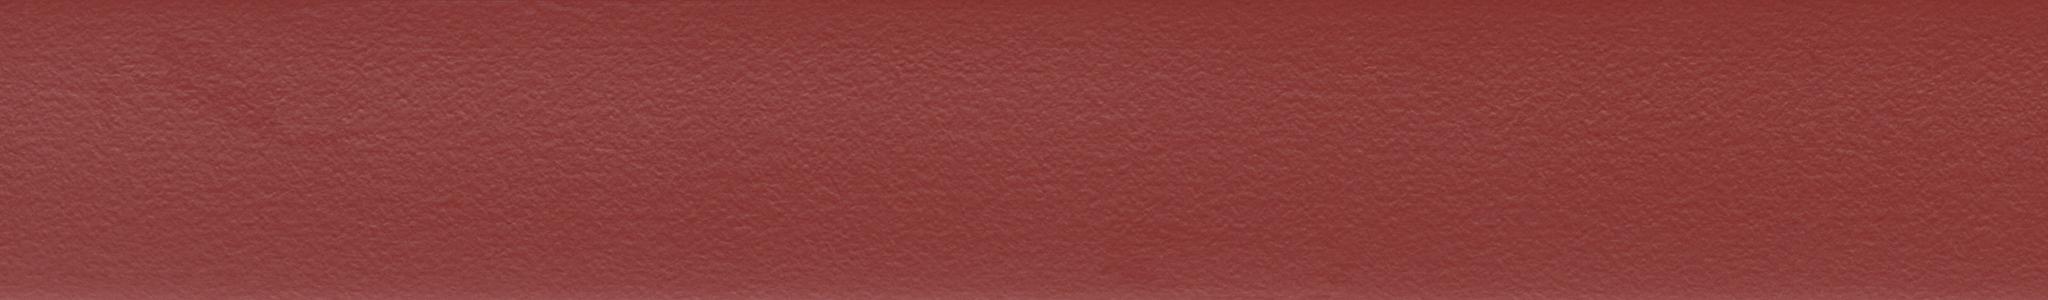 HU 134143 ABS hrana červená perla jemná 107